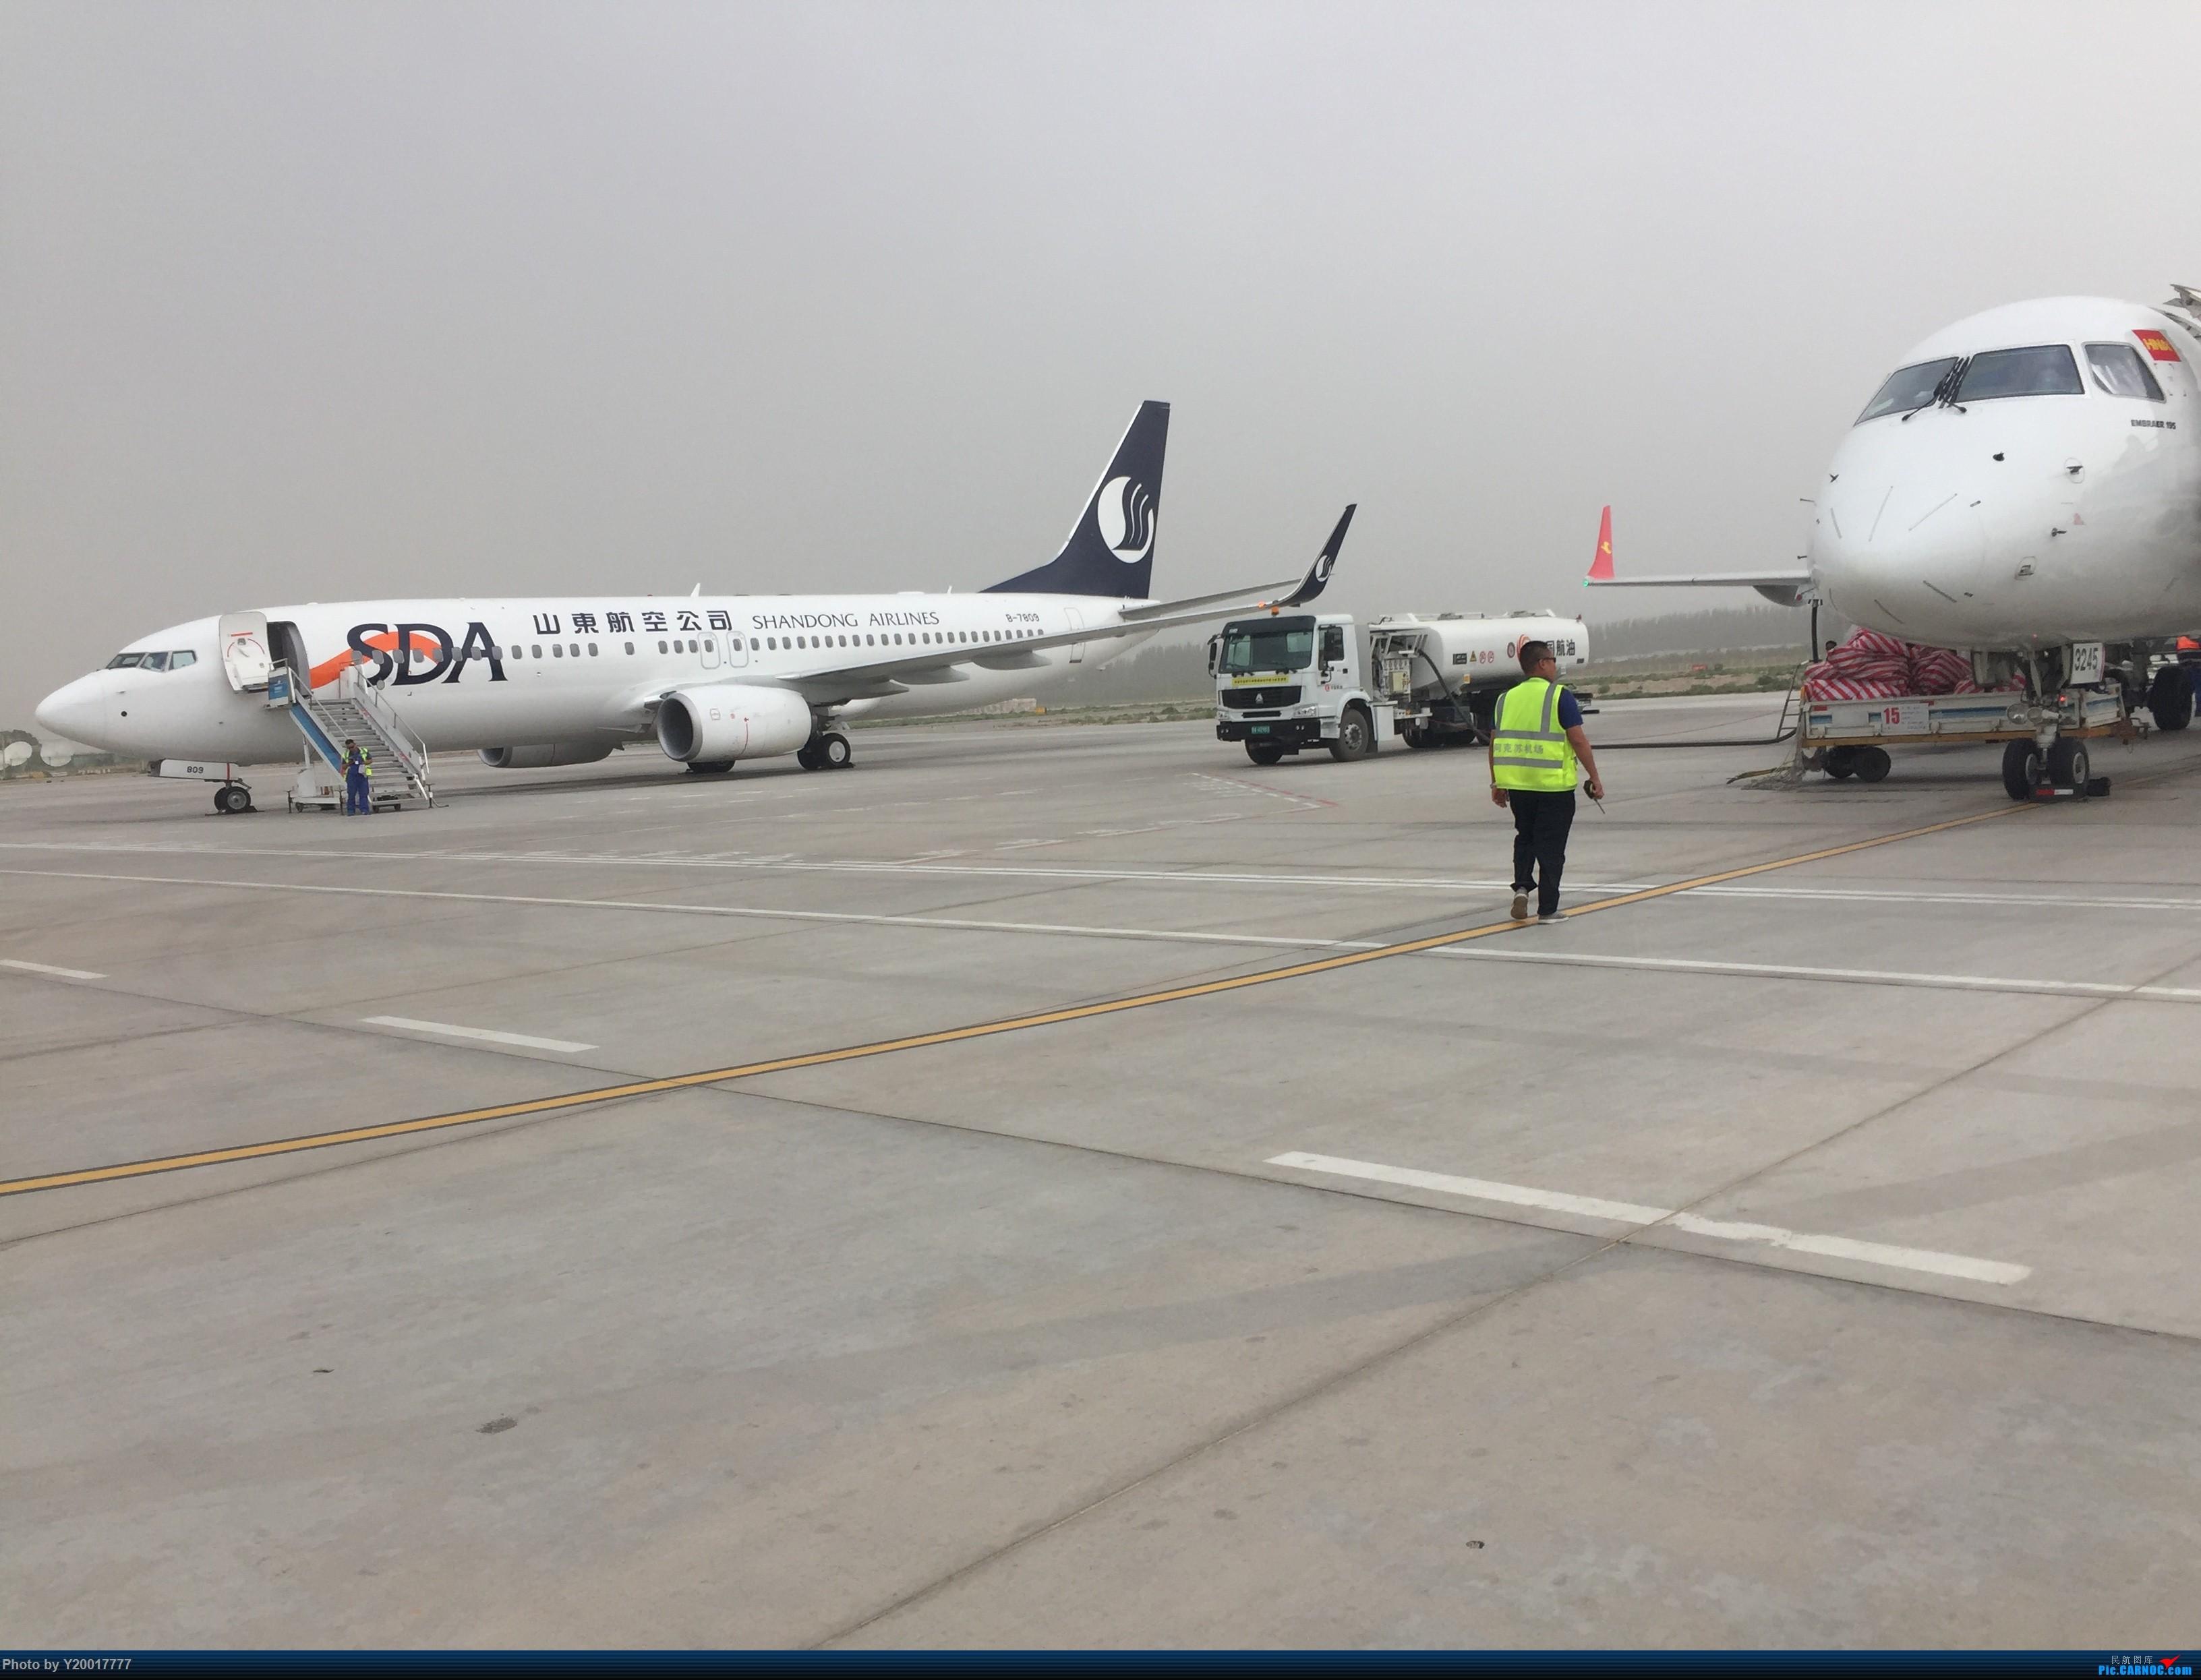 山东航空波音737-800,注册号B-7809